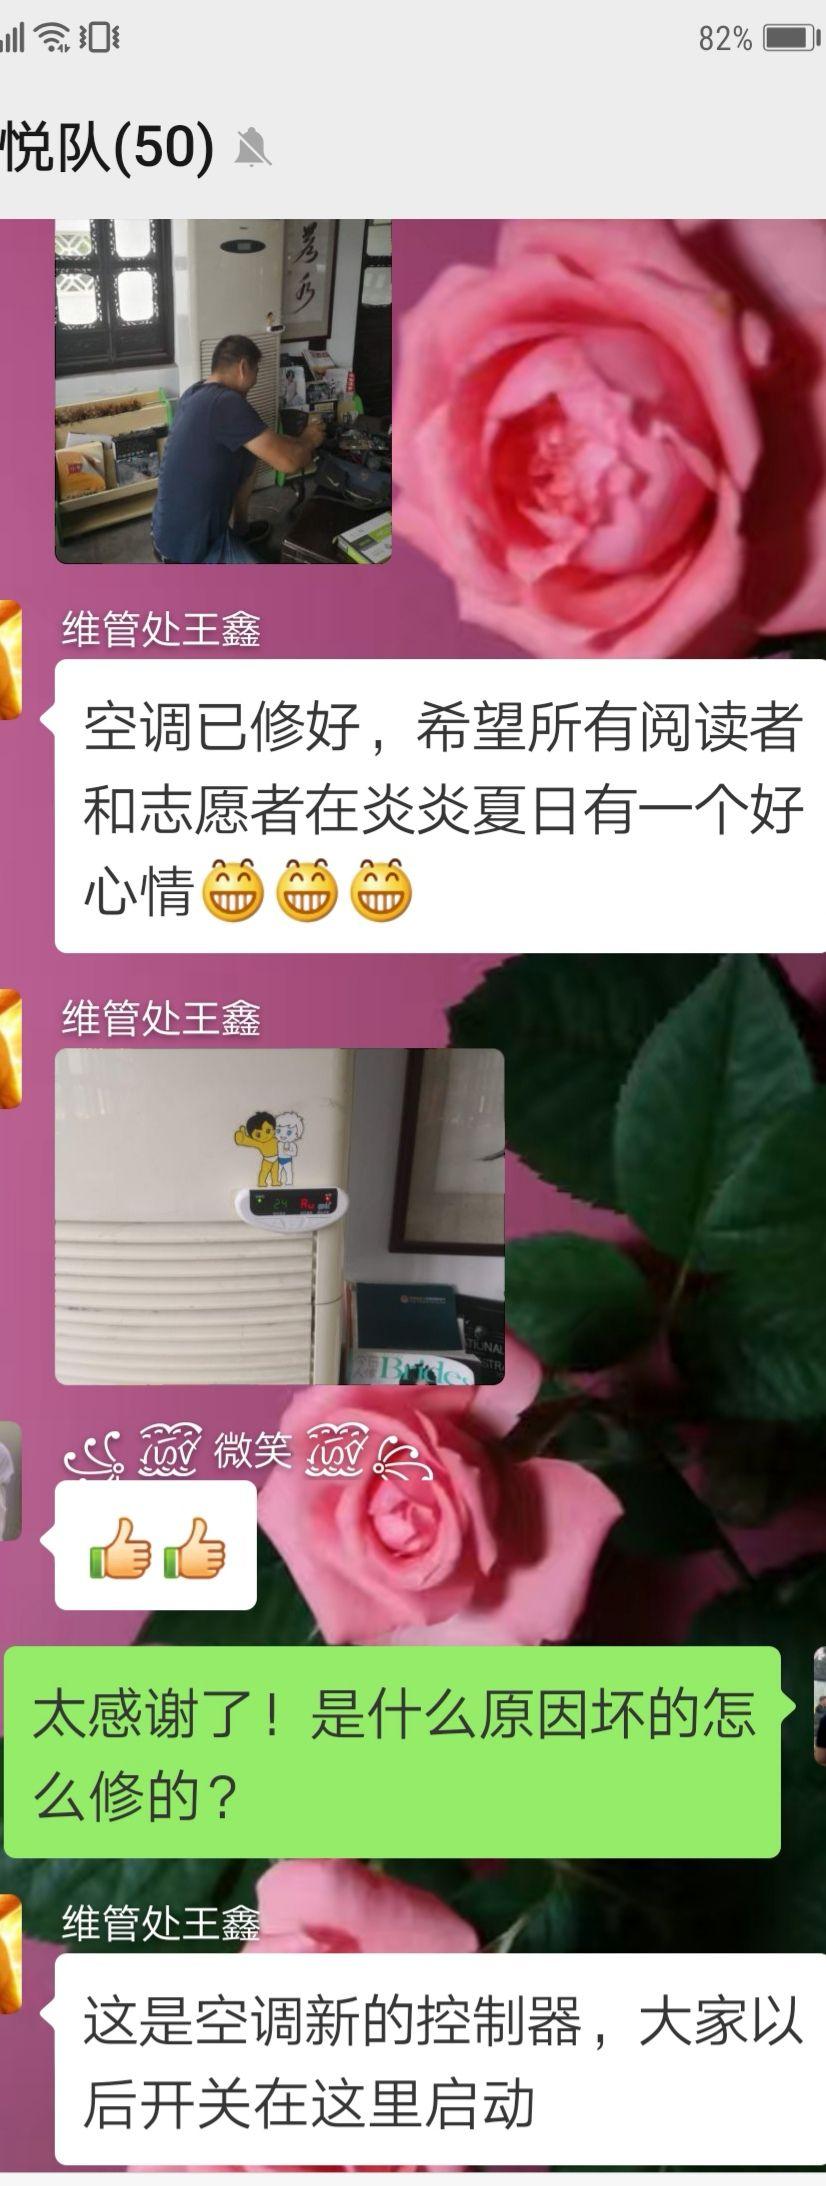 QQ图片20190706105813.jpg